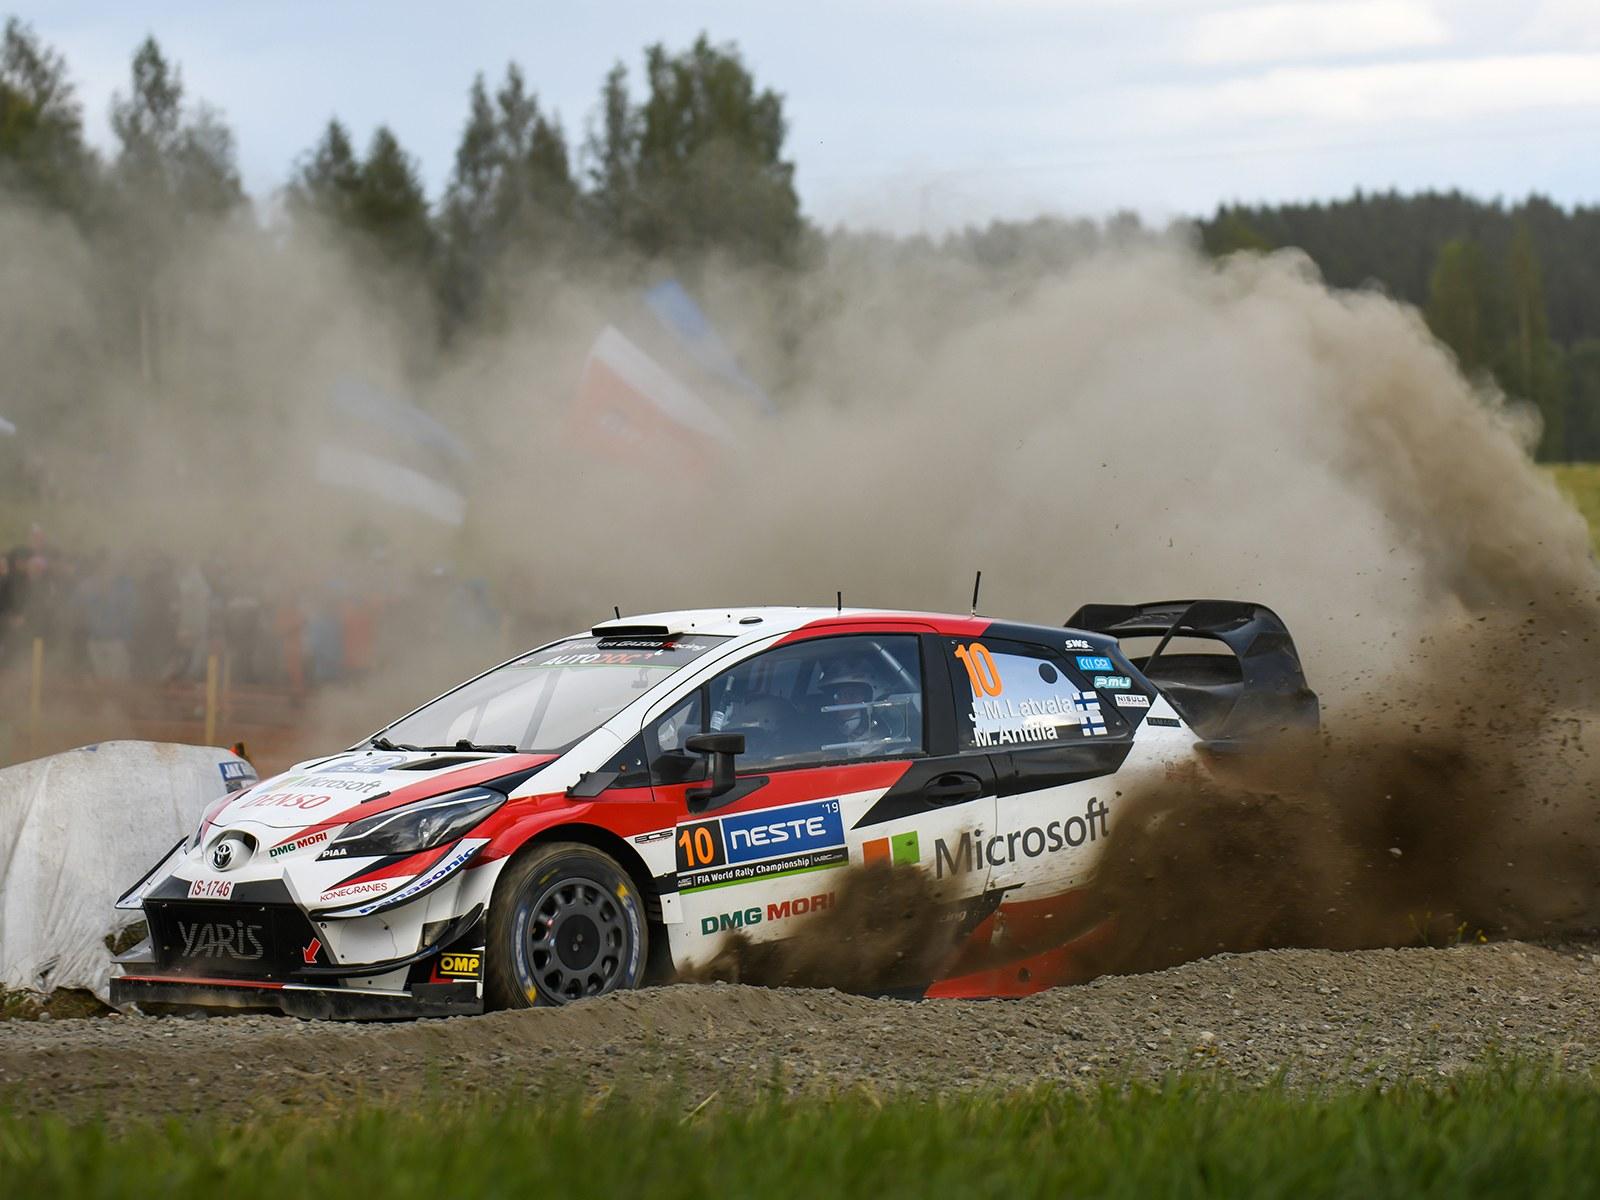 トヨタ、3年連続勝利へ王手! ホーム戦となったWRC第9選、ラリーフィンランドをレポート